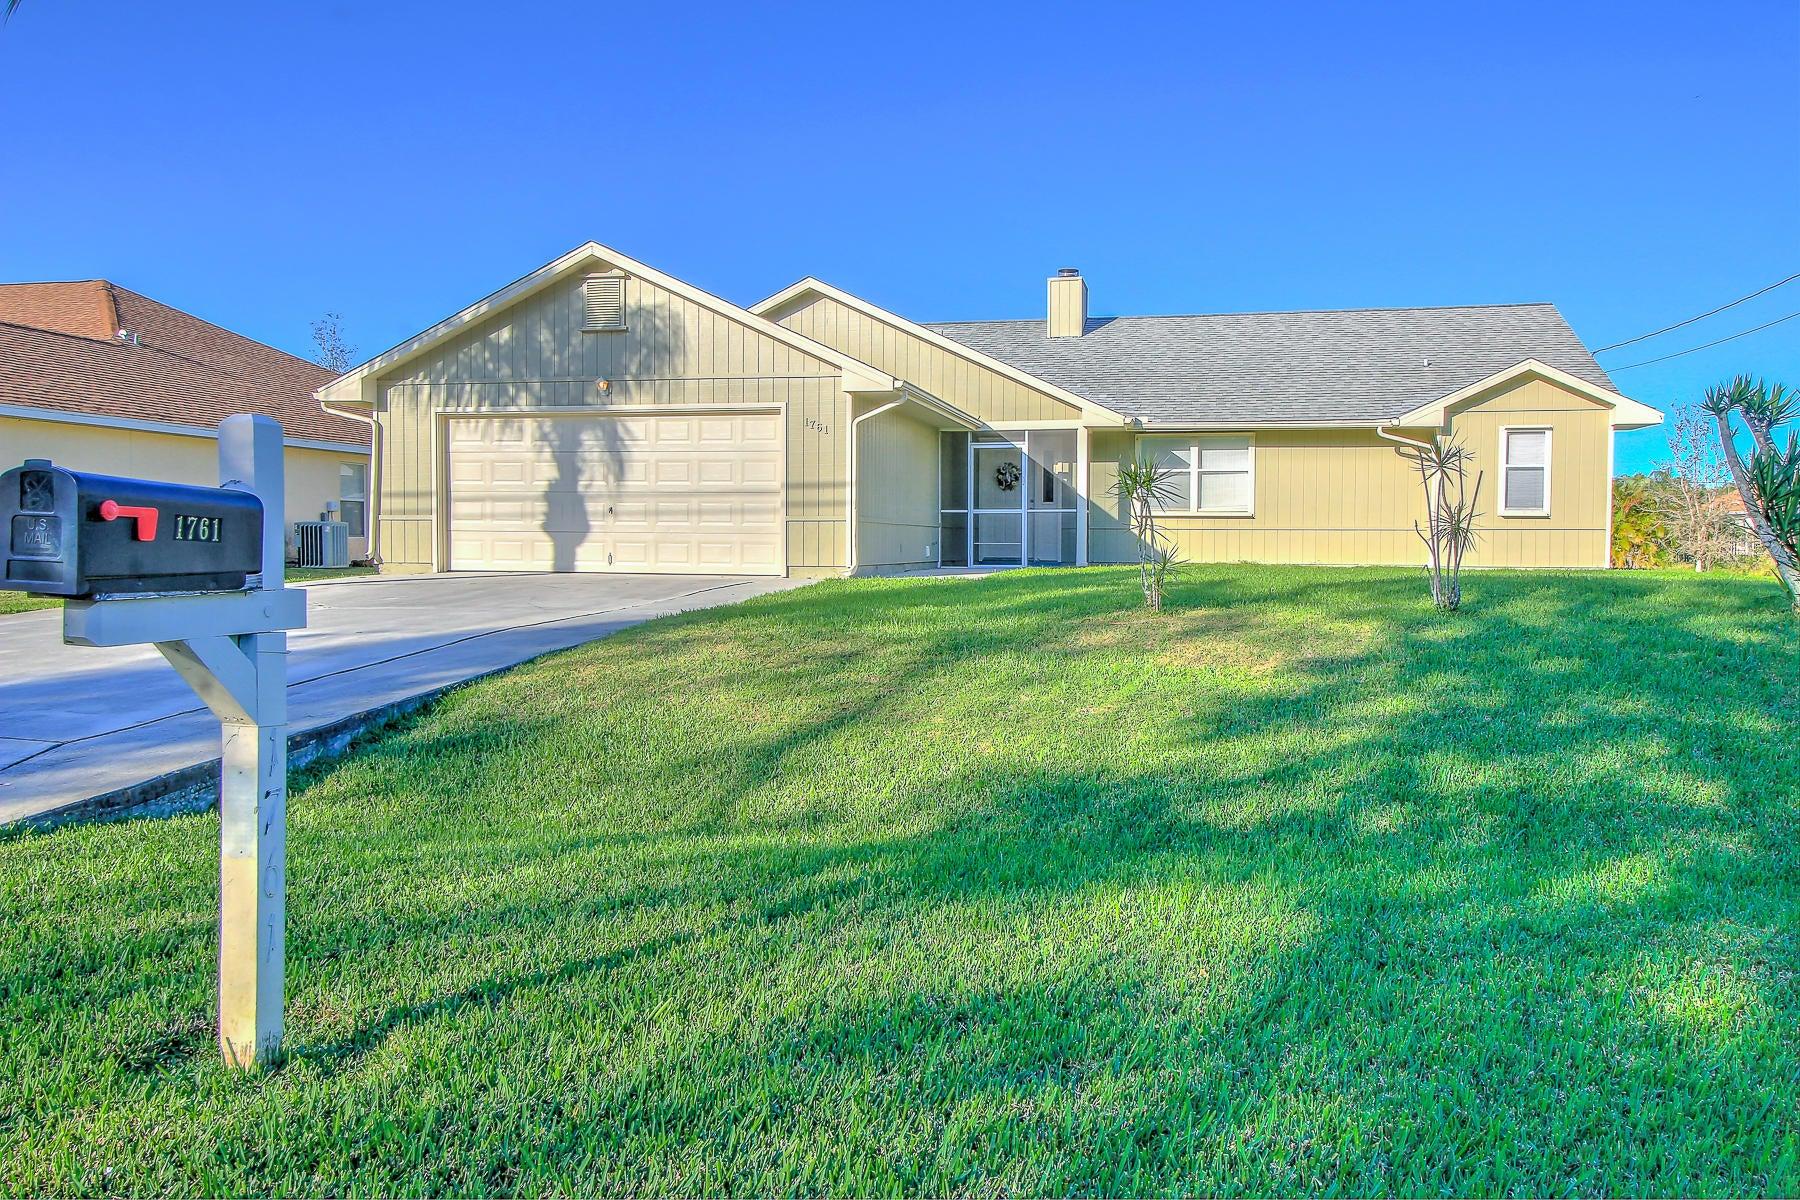 Частный односемейный дом для того Продажа на 1761 SW Leafy Road 1761 SW Leafy Road Port St. Lucie, Флорида 34953 Соединенные Штаты